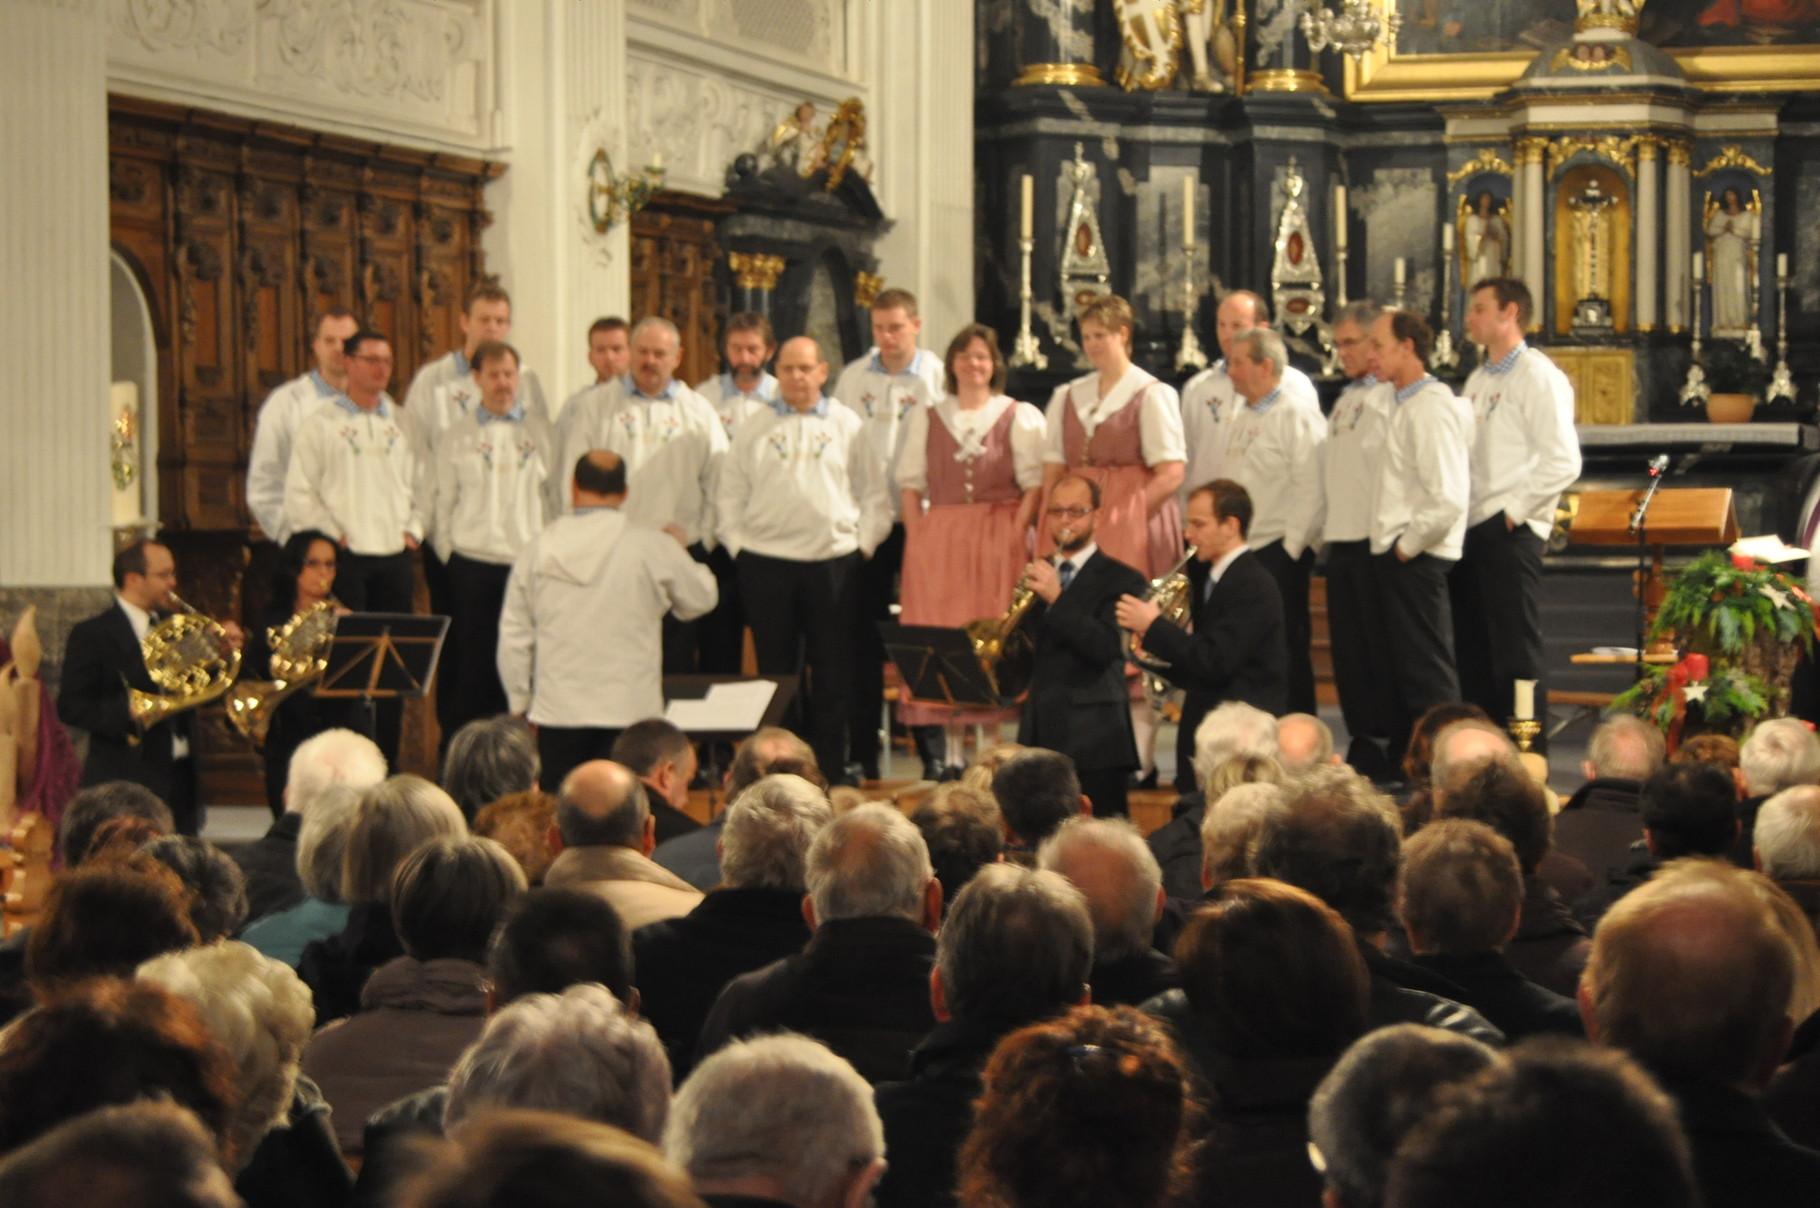 2010 Kirchenkonzert zum 80-Jahr-Jubiläum des JK Männertreu